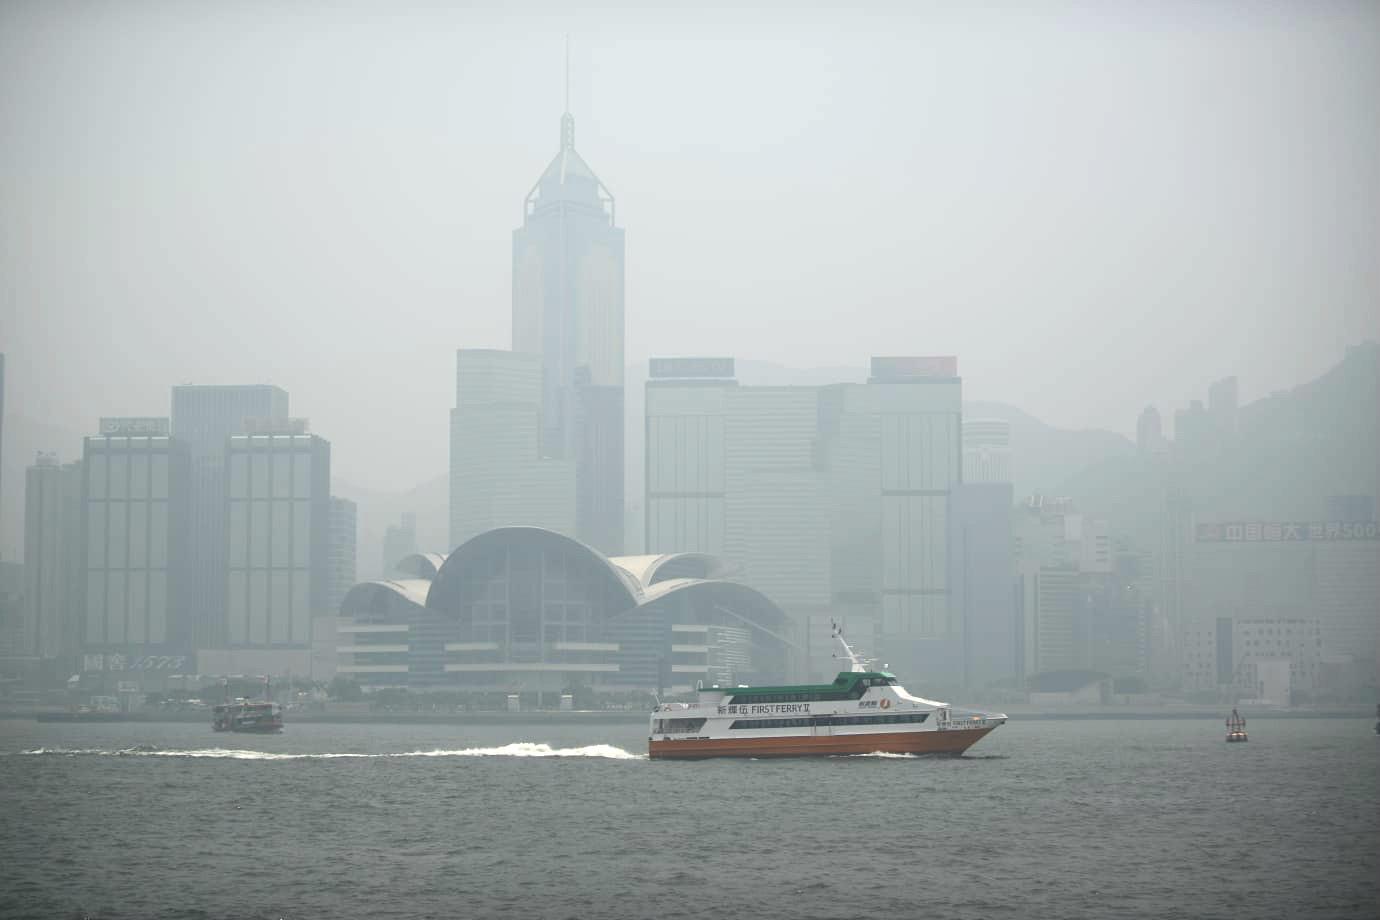 【避免外出】东涌元朗屯门指数「爆表」 全港空气污染达甚高